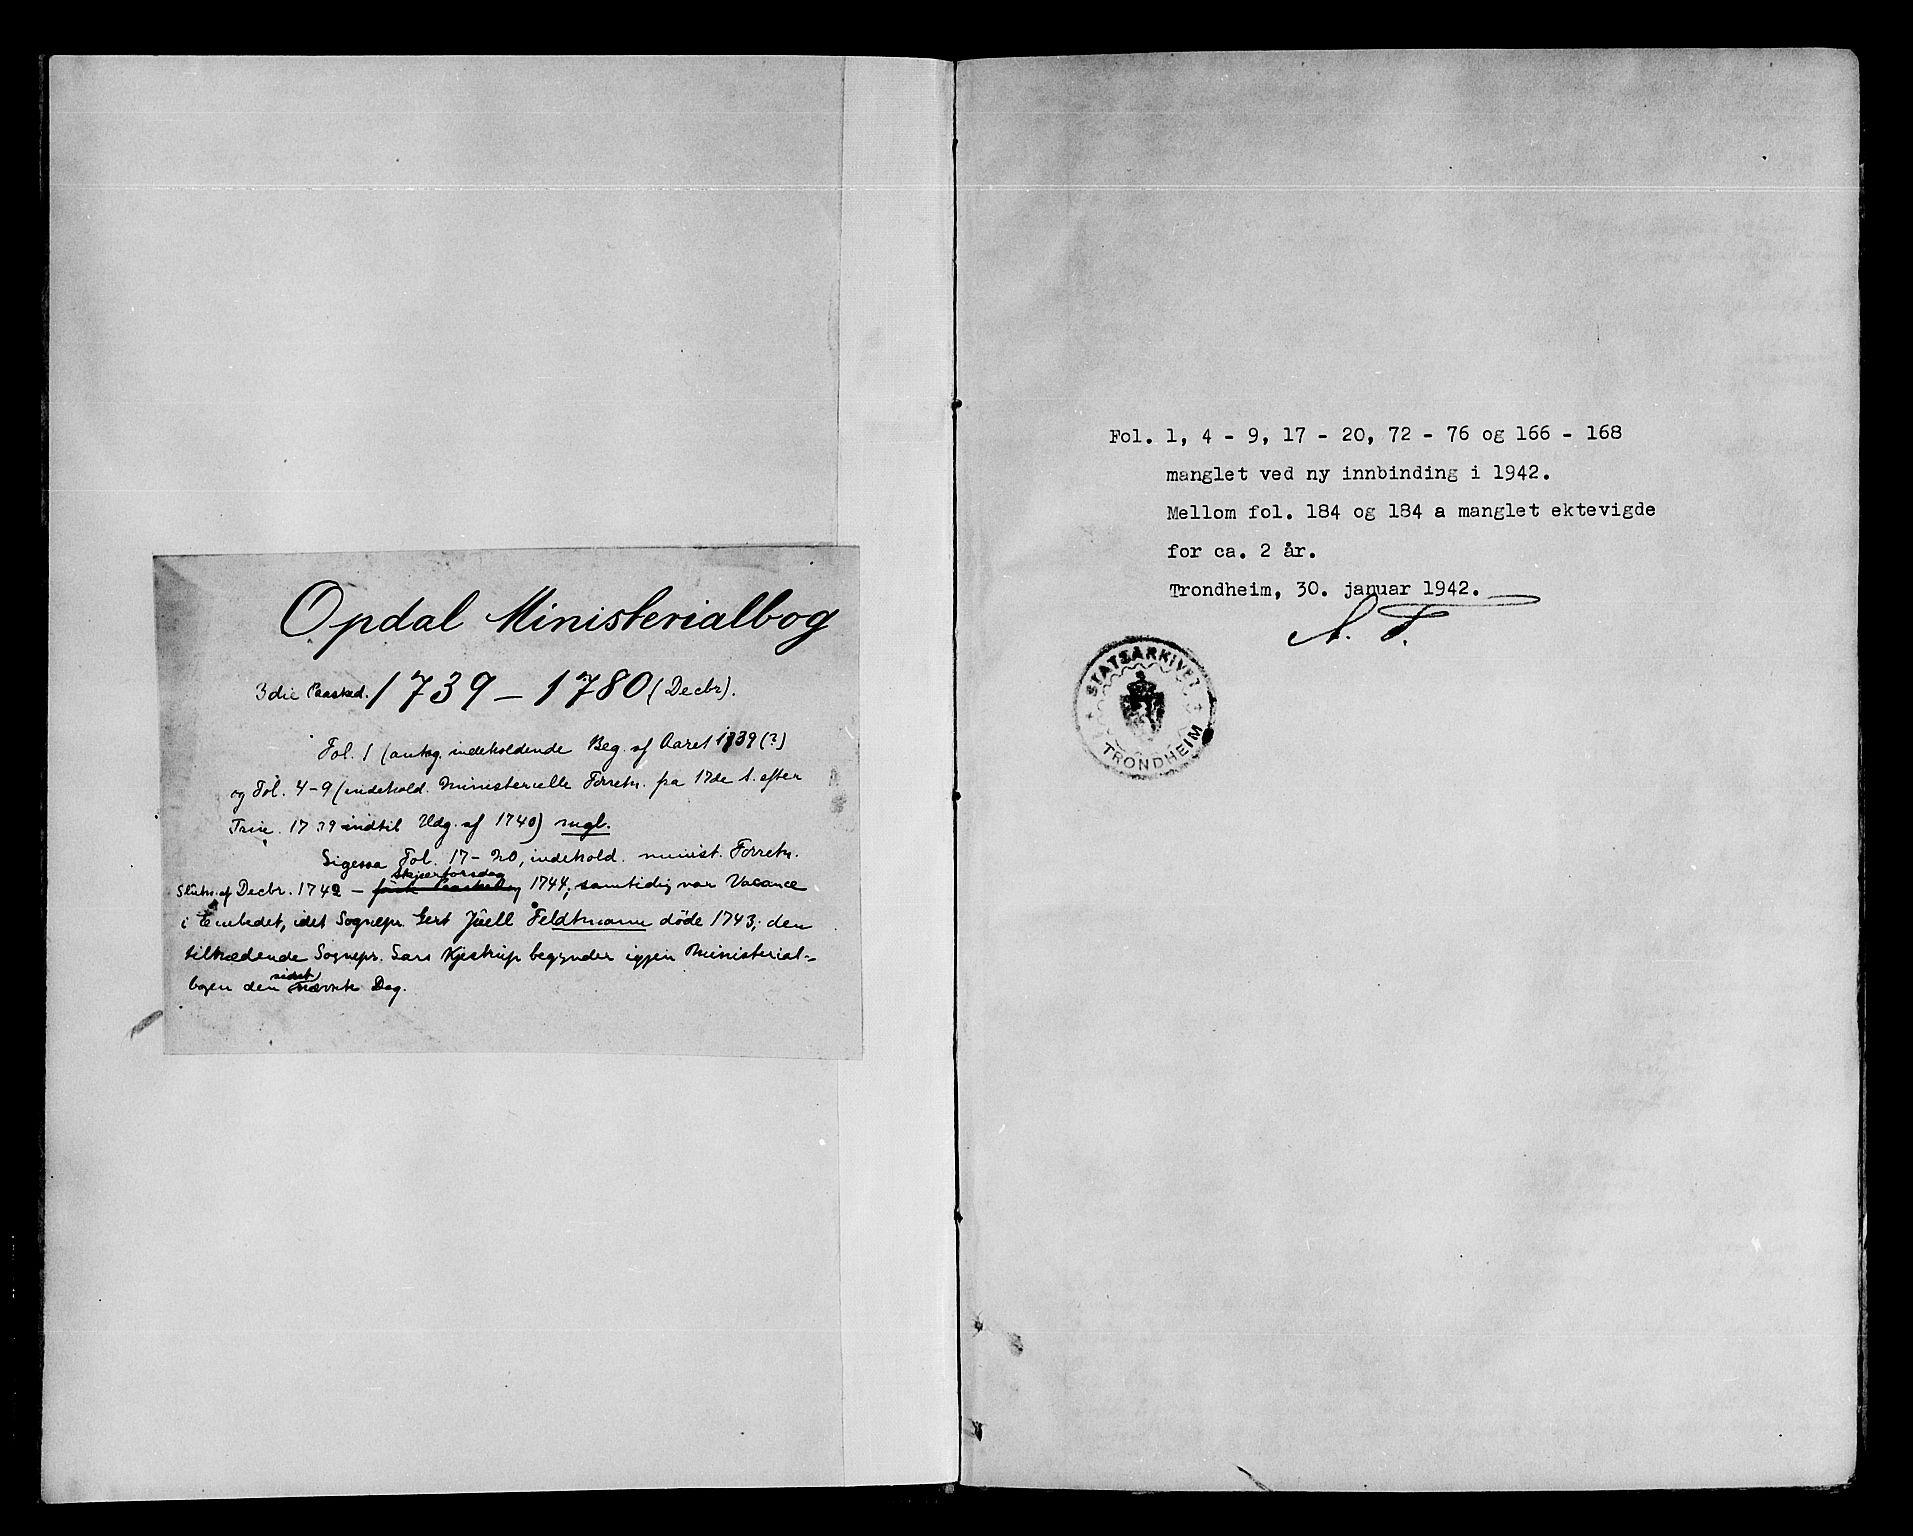 SAT, Ministerialprotokoller, klokkerbøker og fødselsregistre - Sør-Trøndelag, 678/L0891: Ministerialbok nr. 678A01, 1739-1780